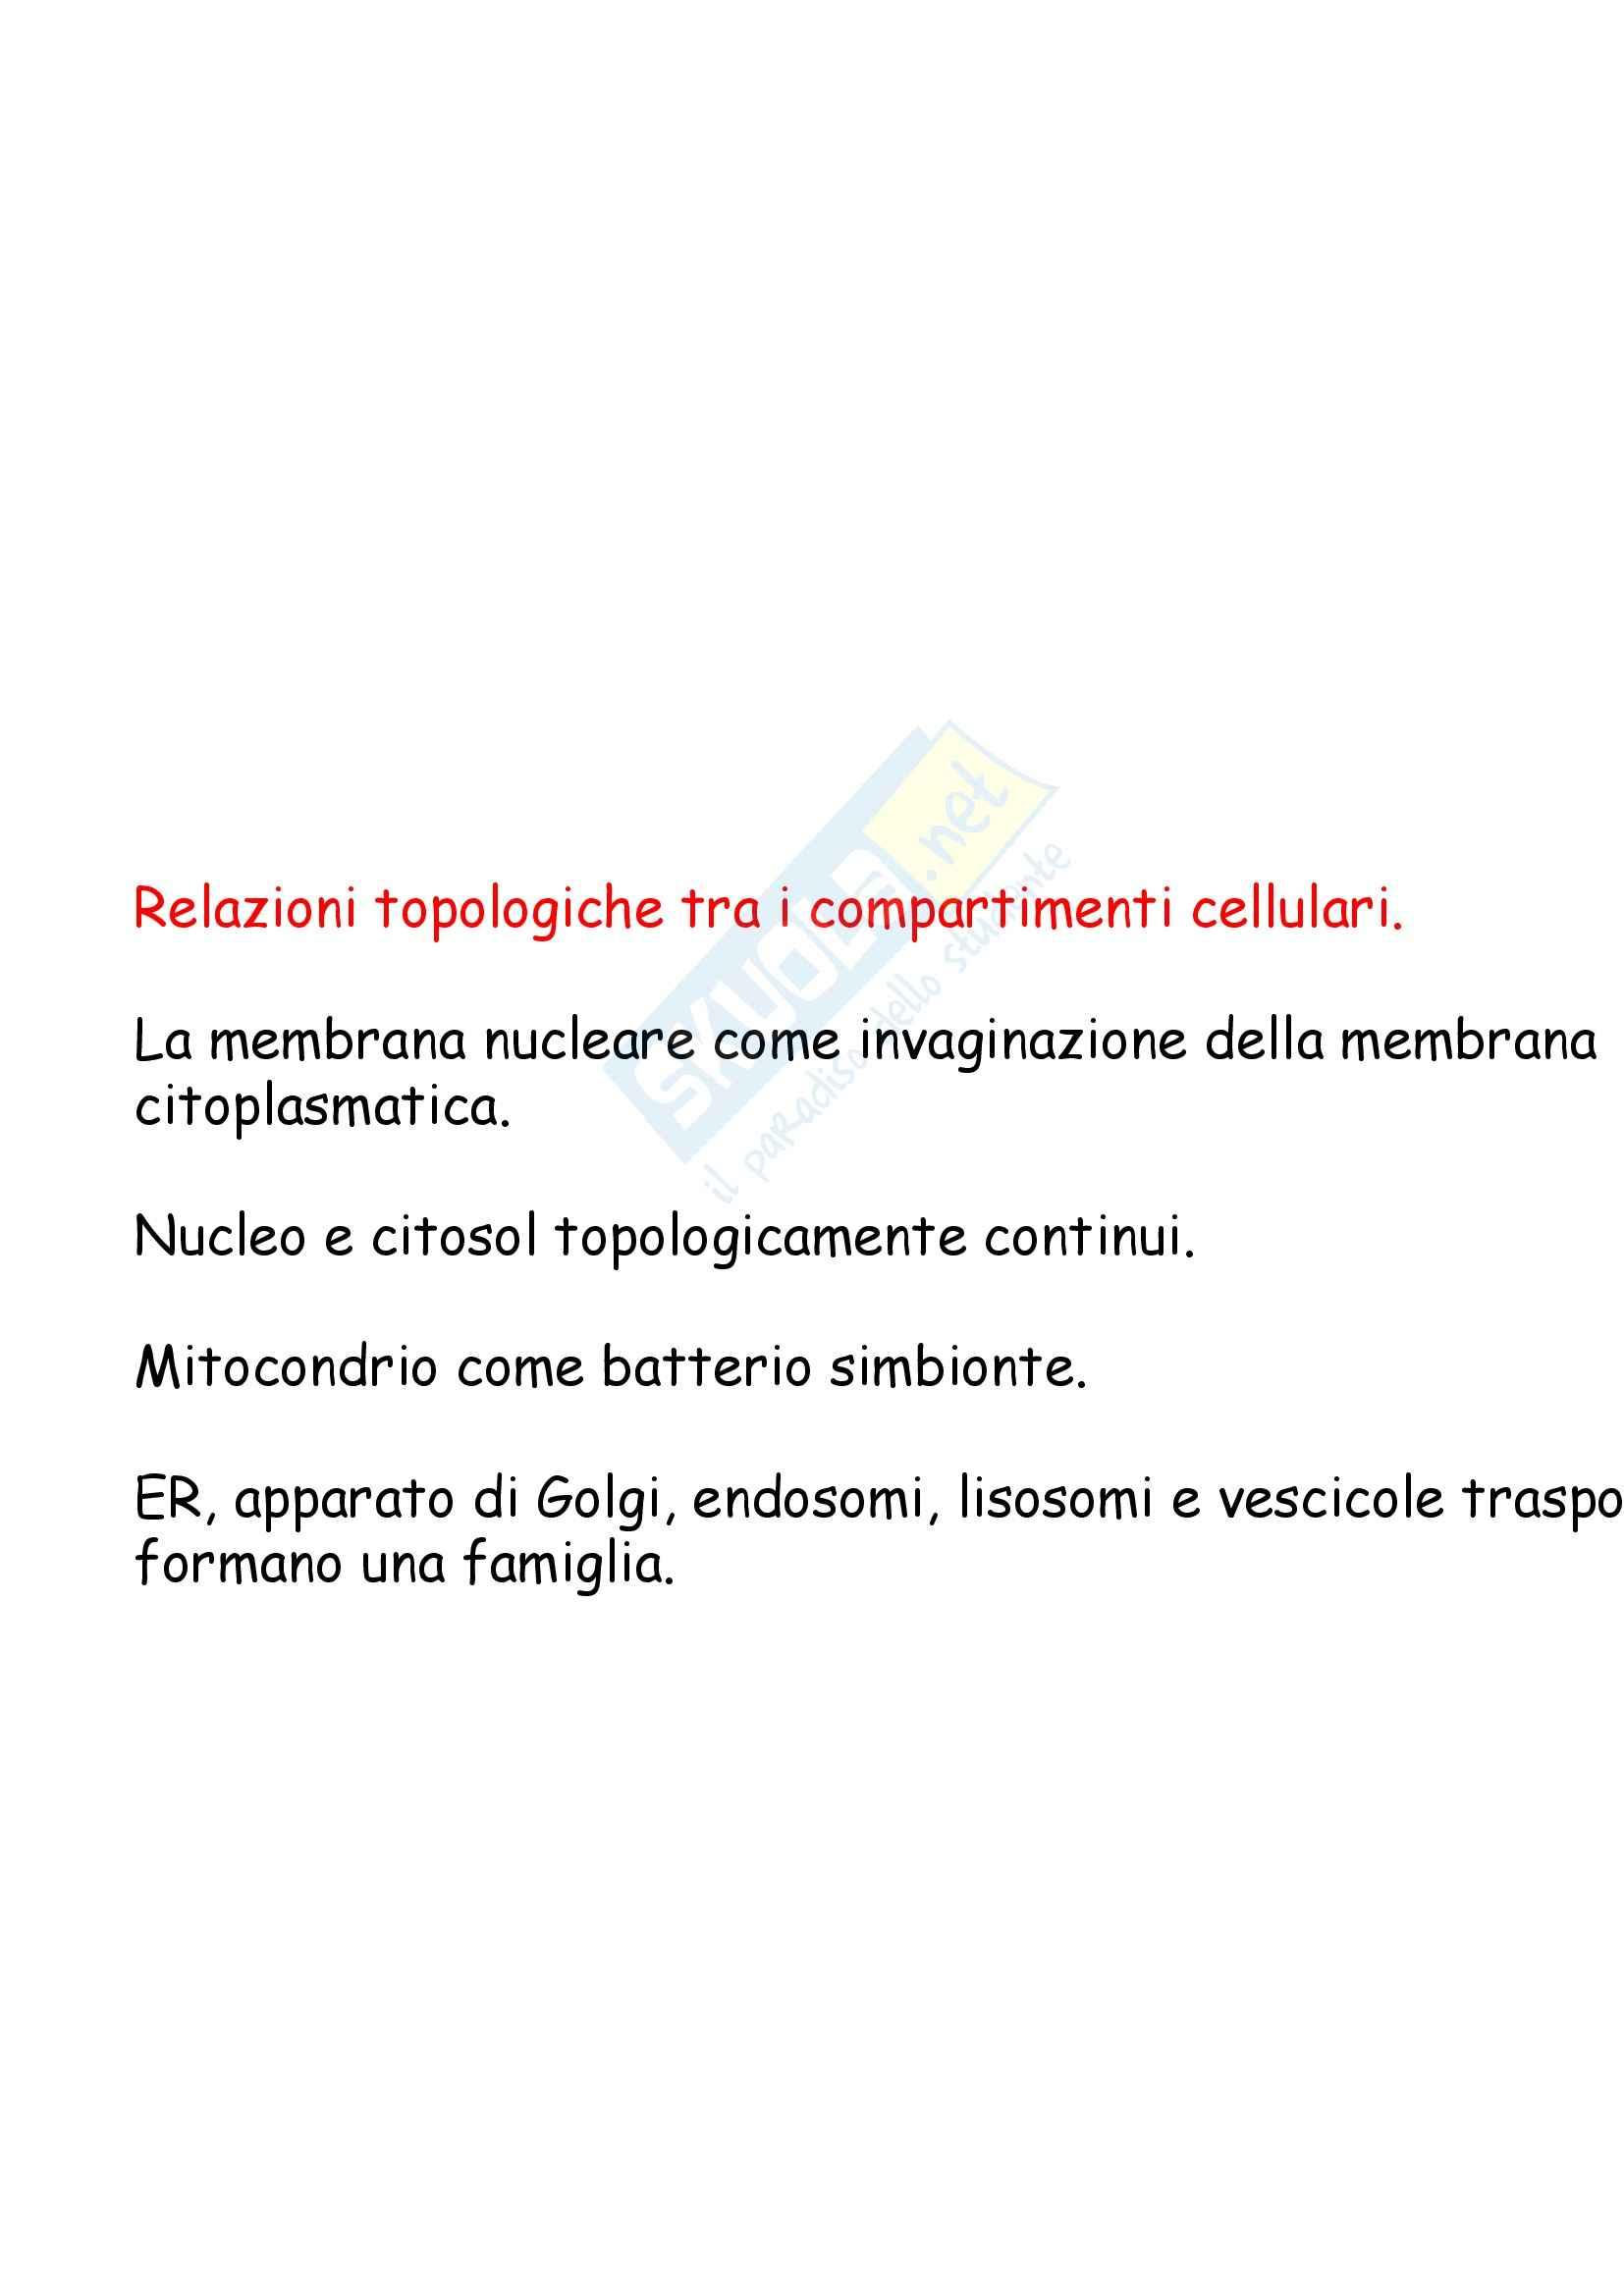 Biologia cellulare - sintesi e smistamento delle proteine Pag. 2